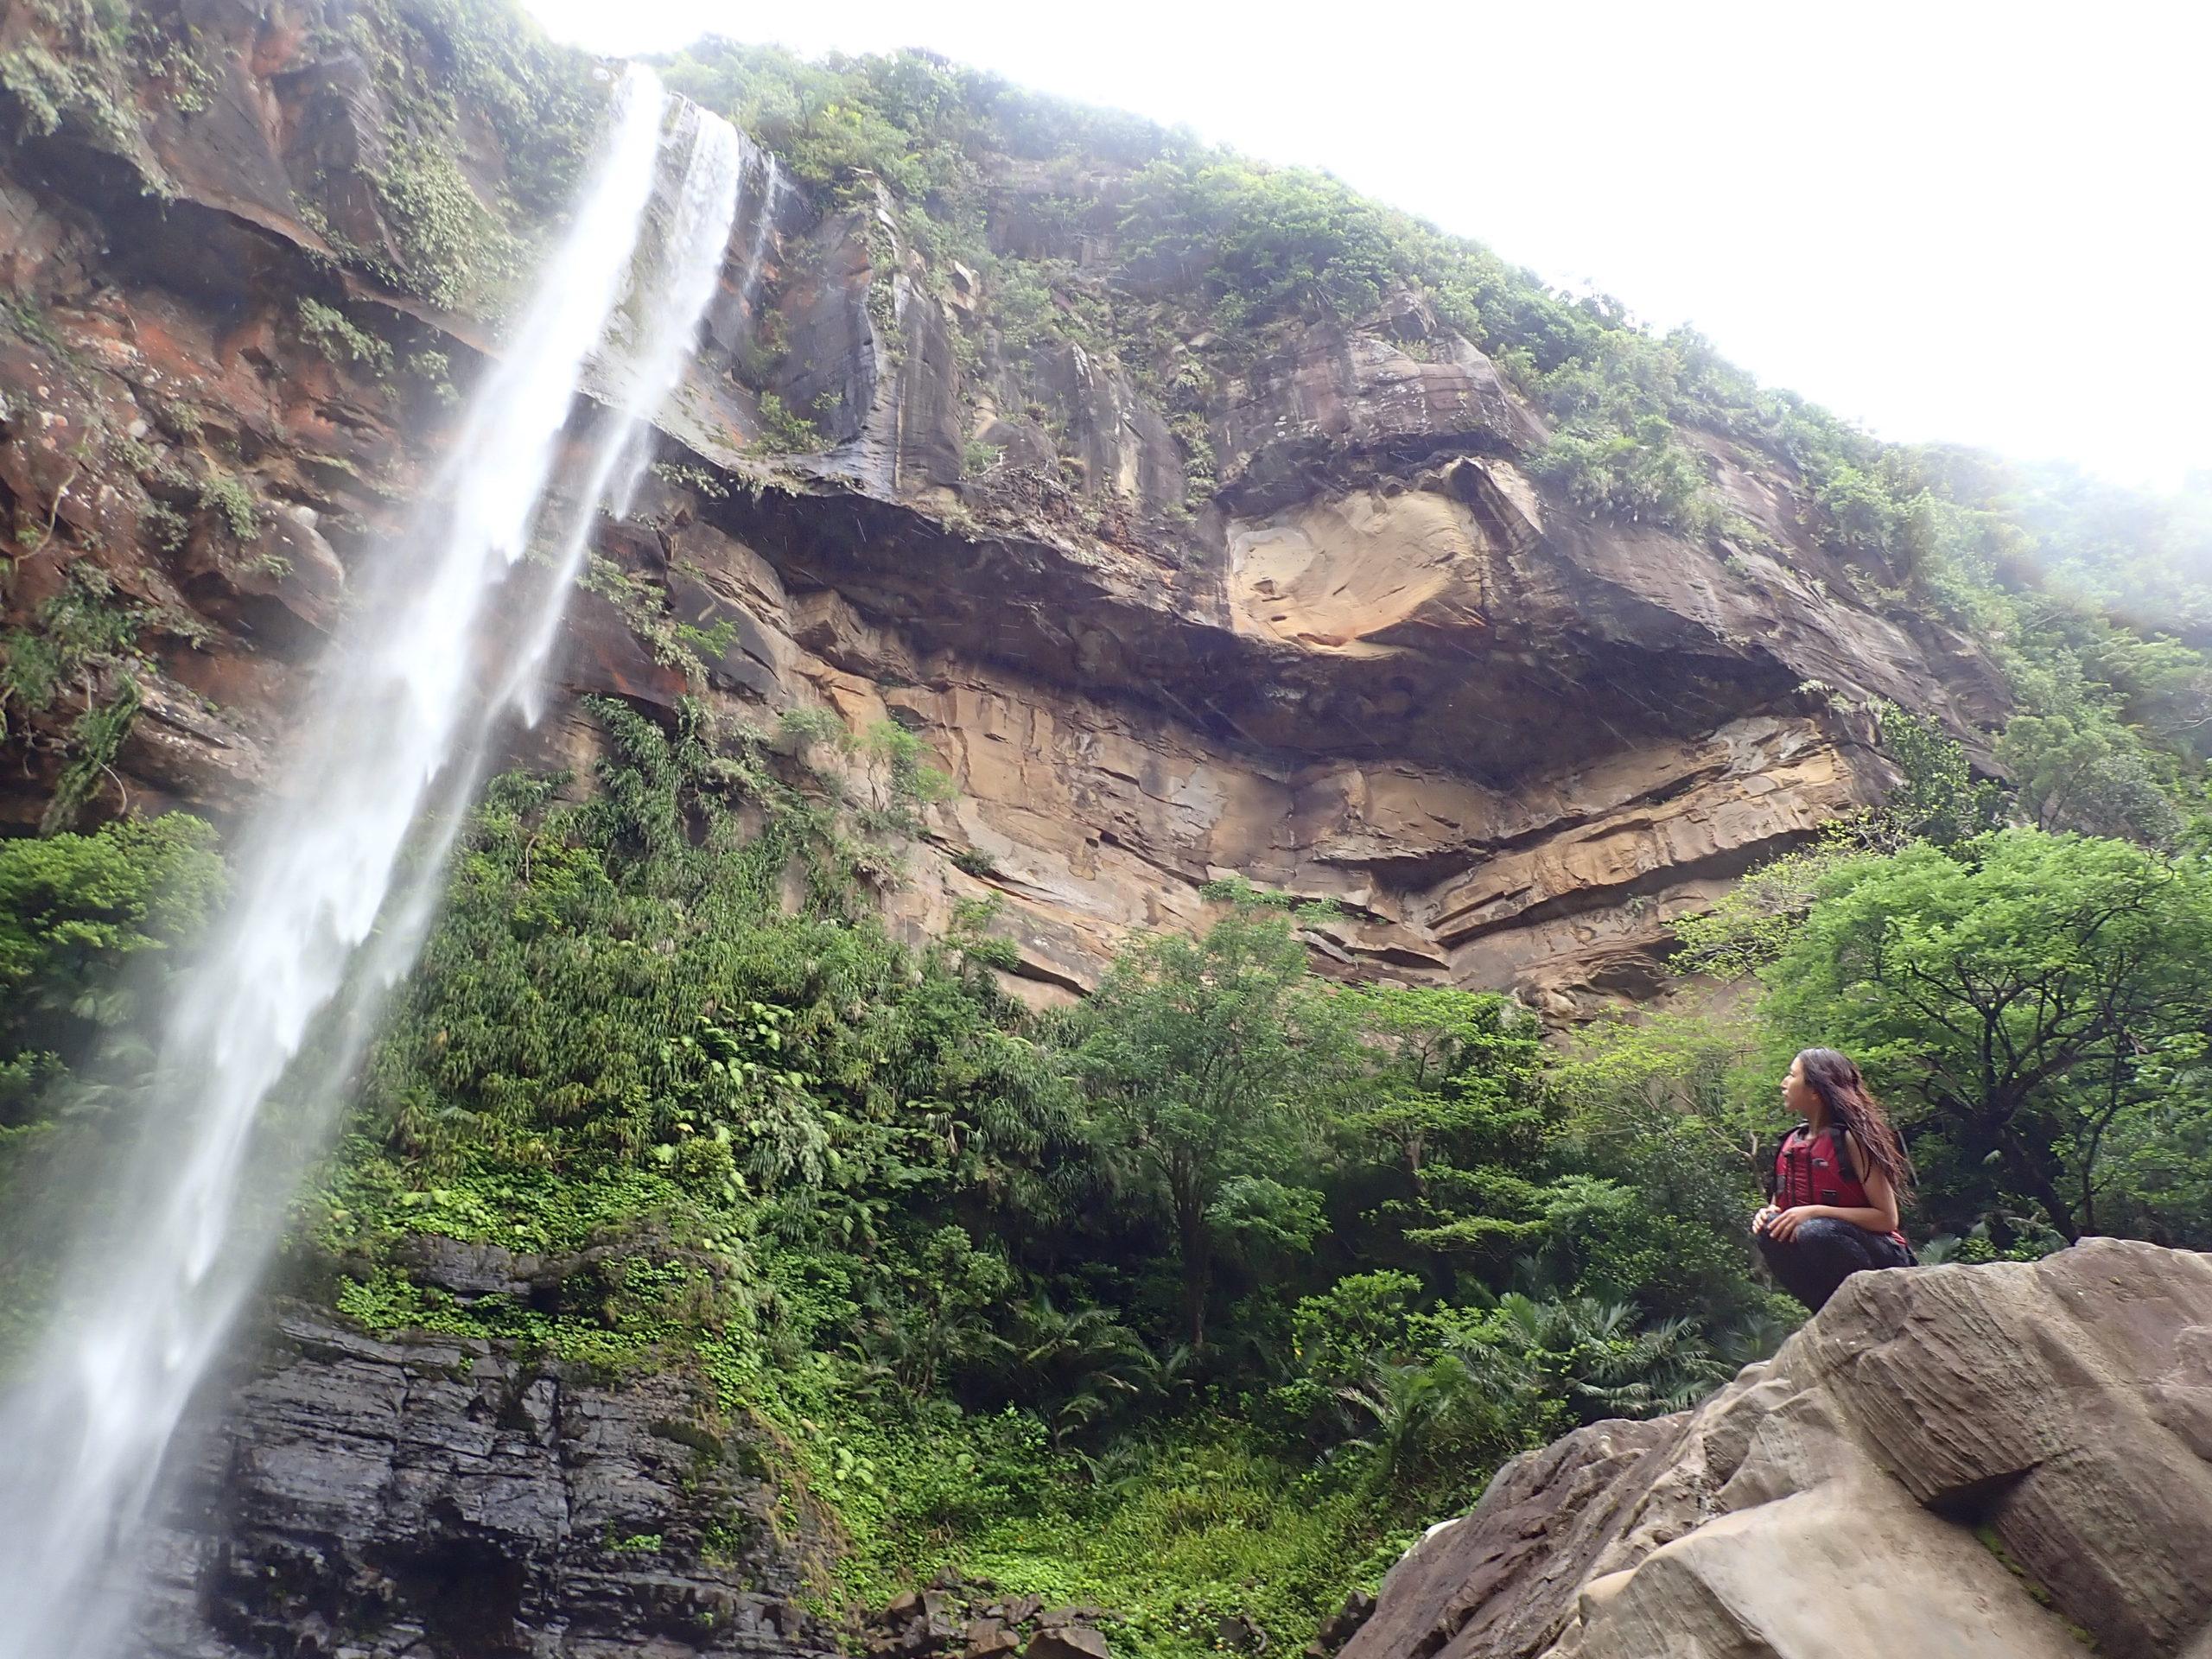 お隣の島からいらっしゃい!西表島 ピナイサーラの滝 半日カヌーツアー